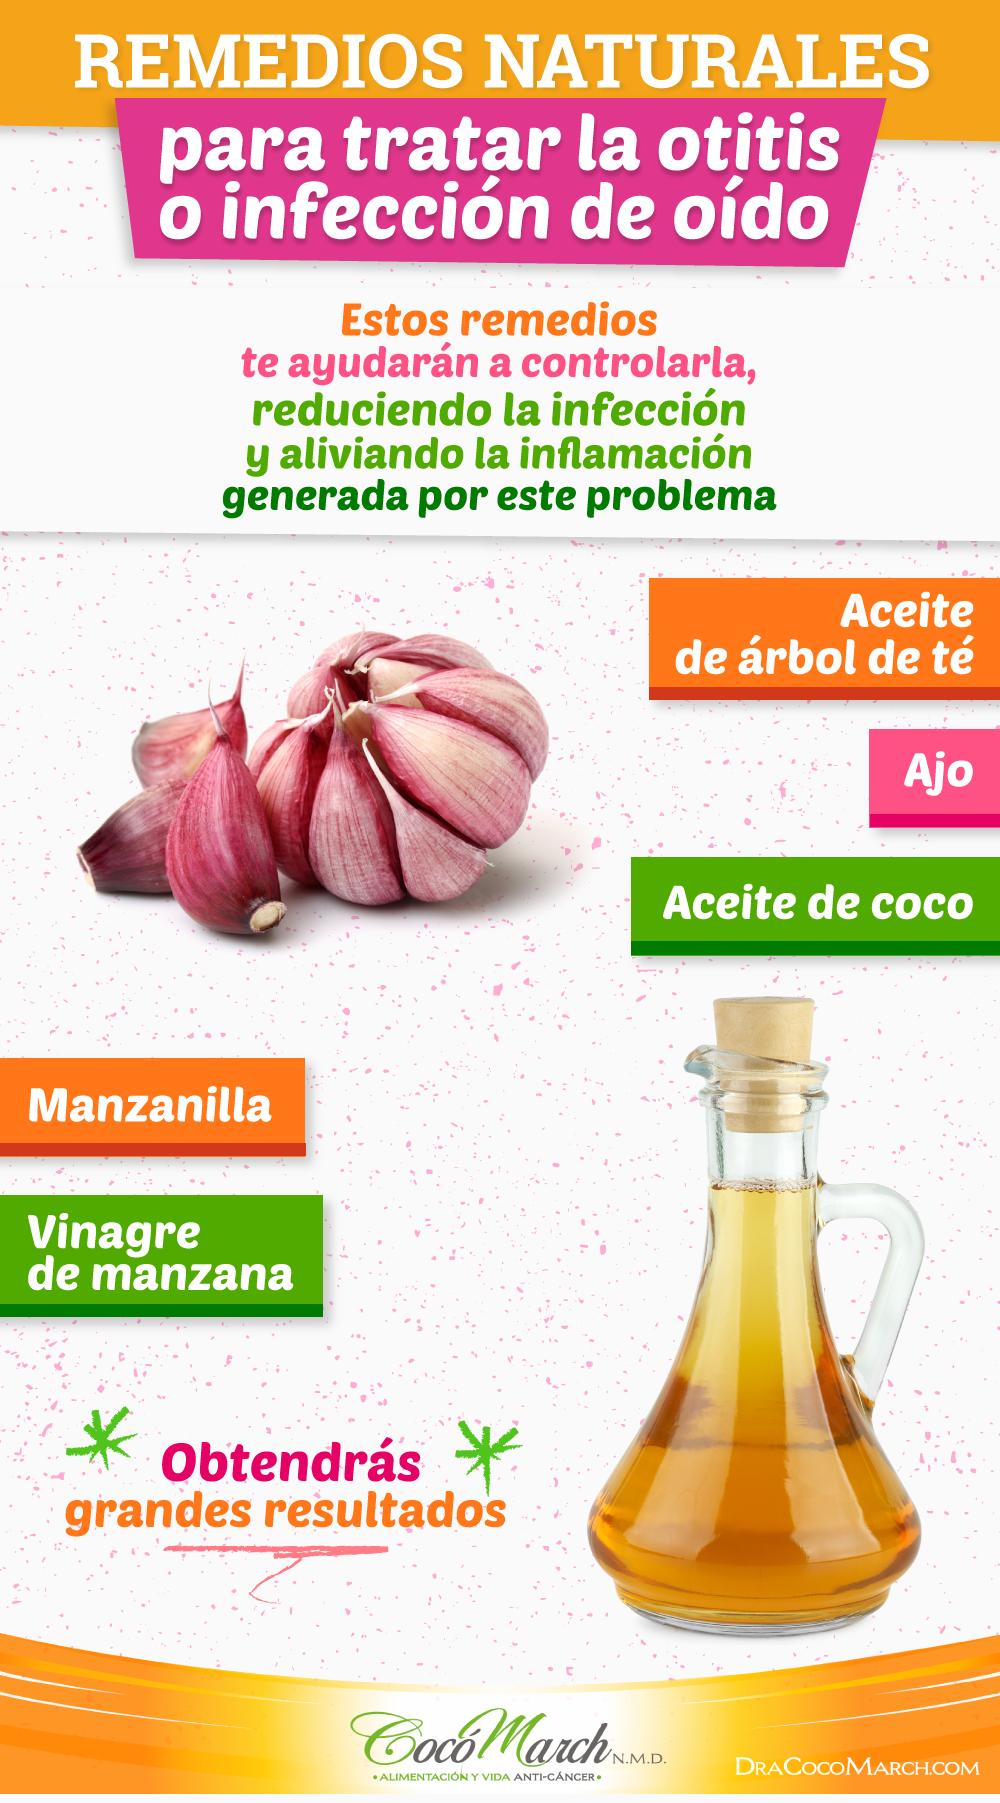 remedios-naturales-para-la-otitis